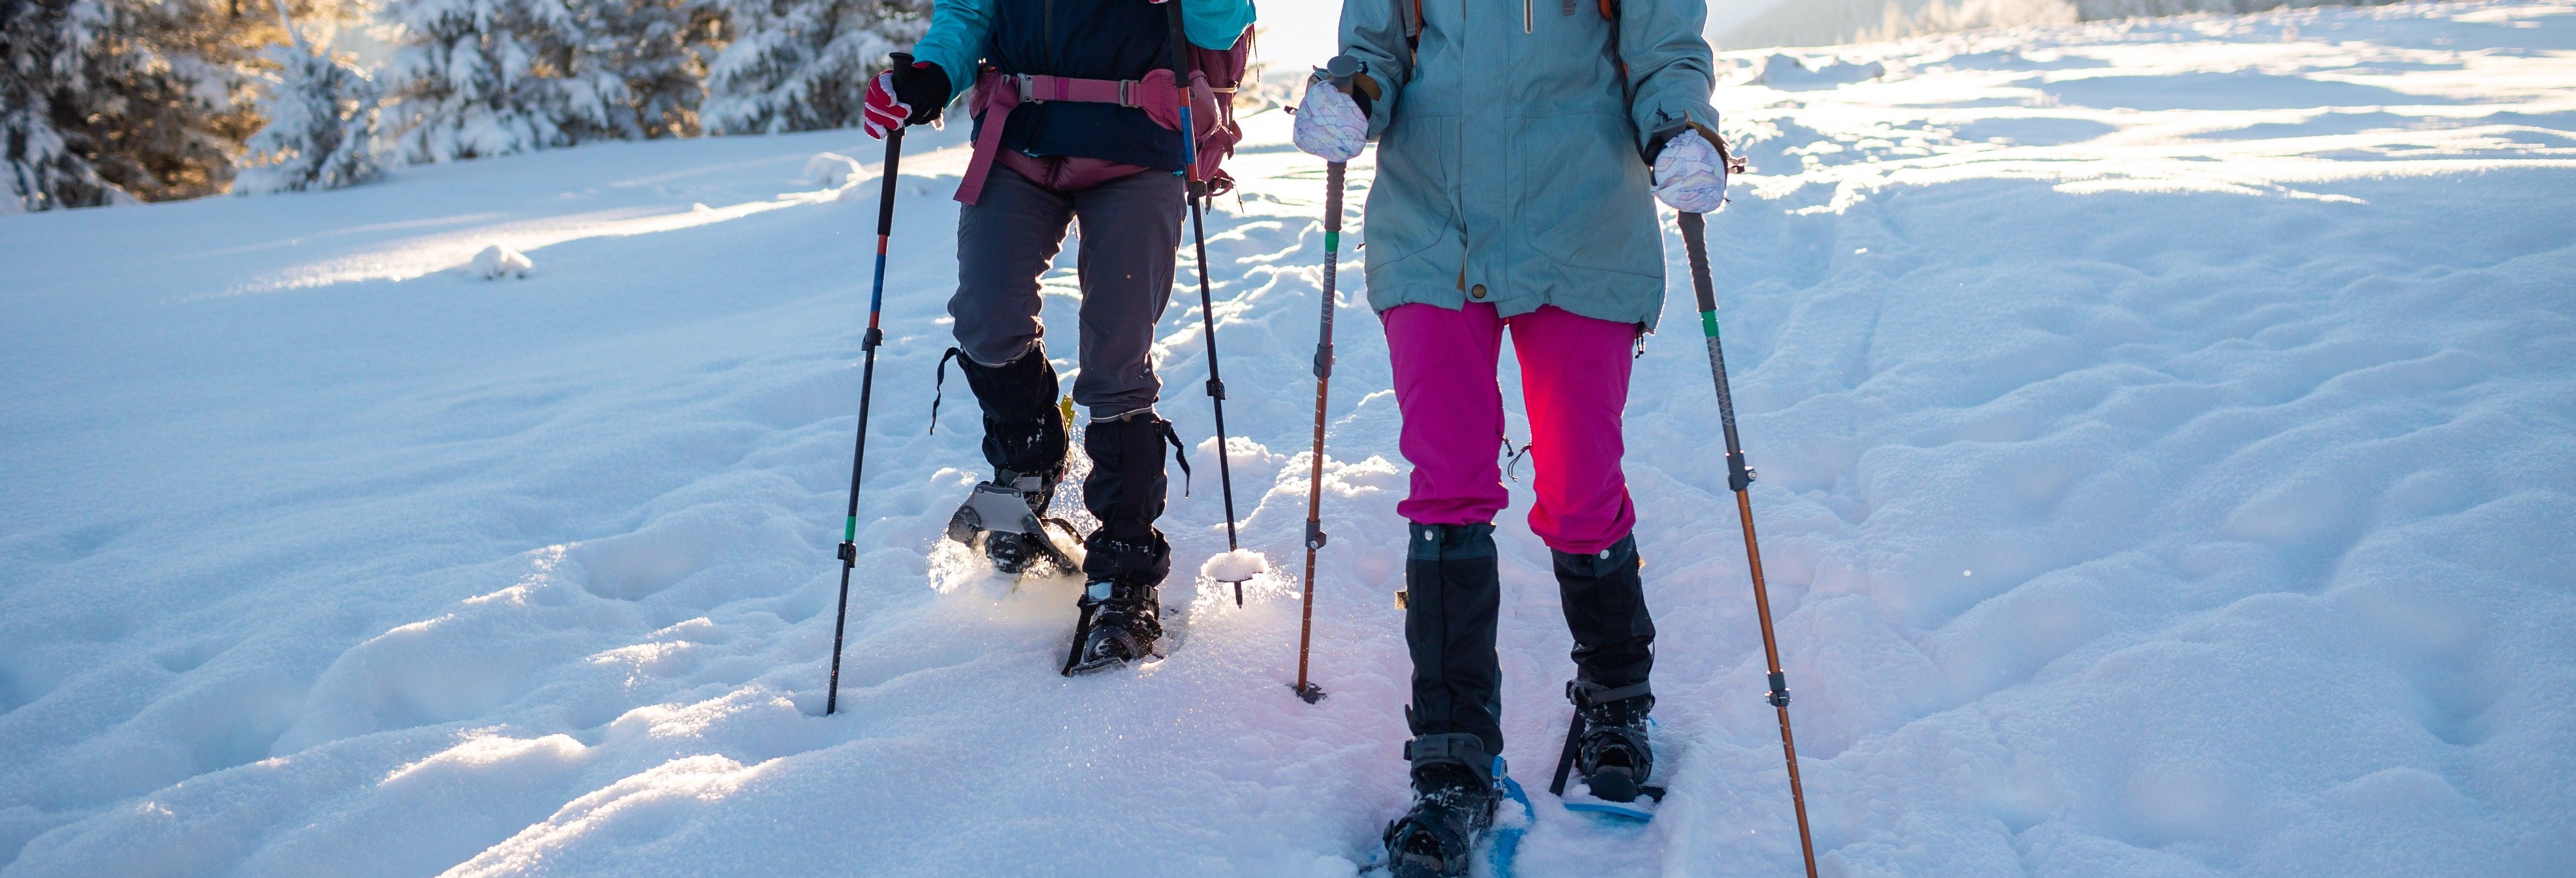 Passeggiata con racchette da neve a Banff